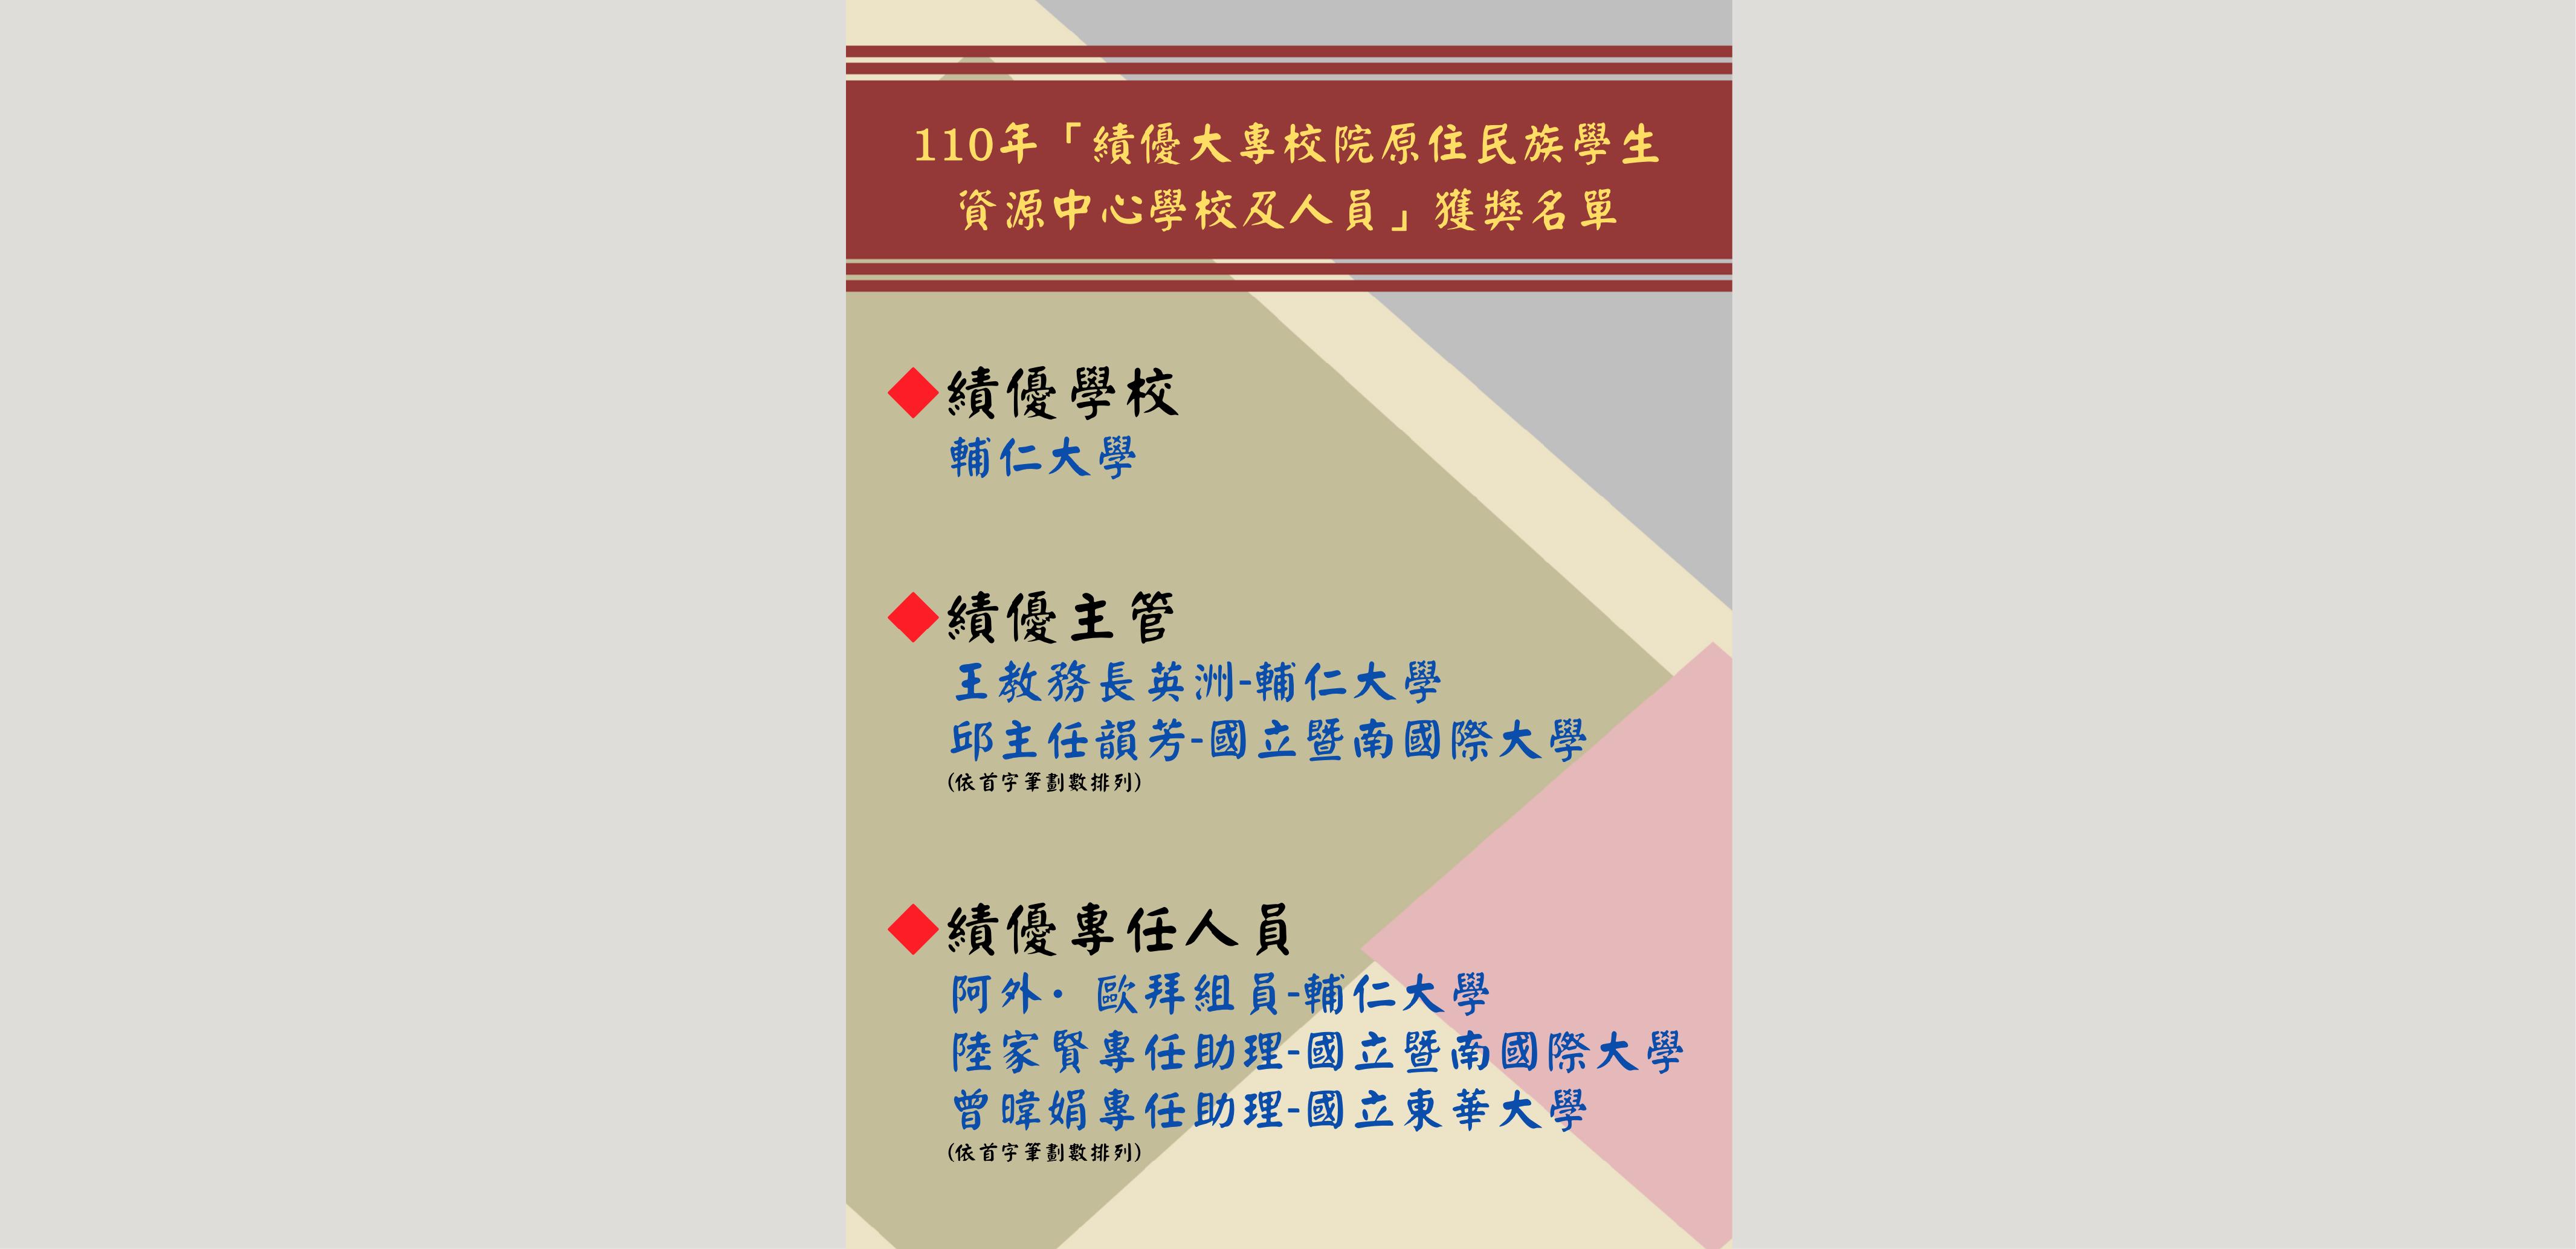 網站輪播圖片 110年績優原資中心學校及人員獲獎名單